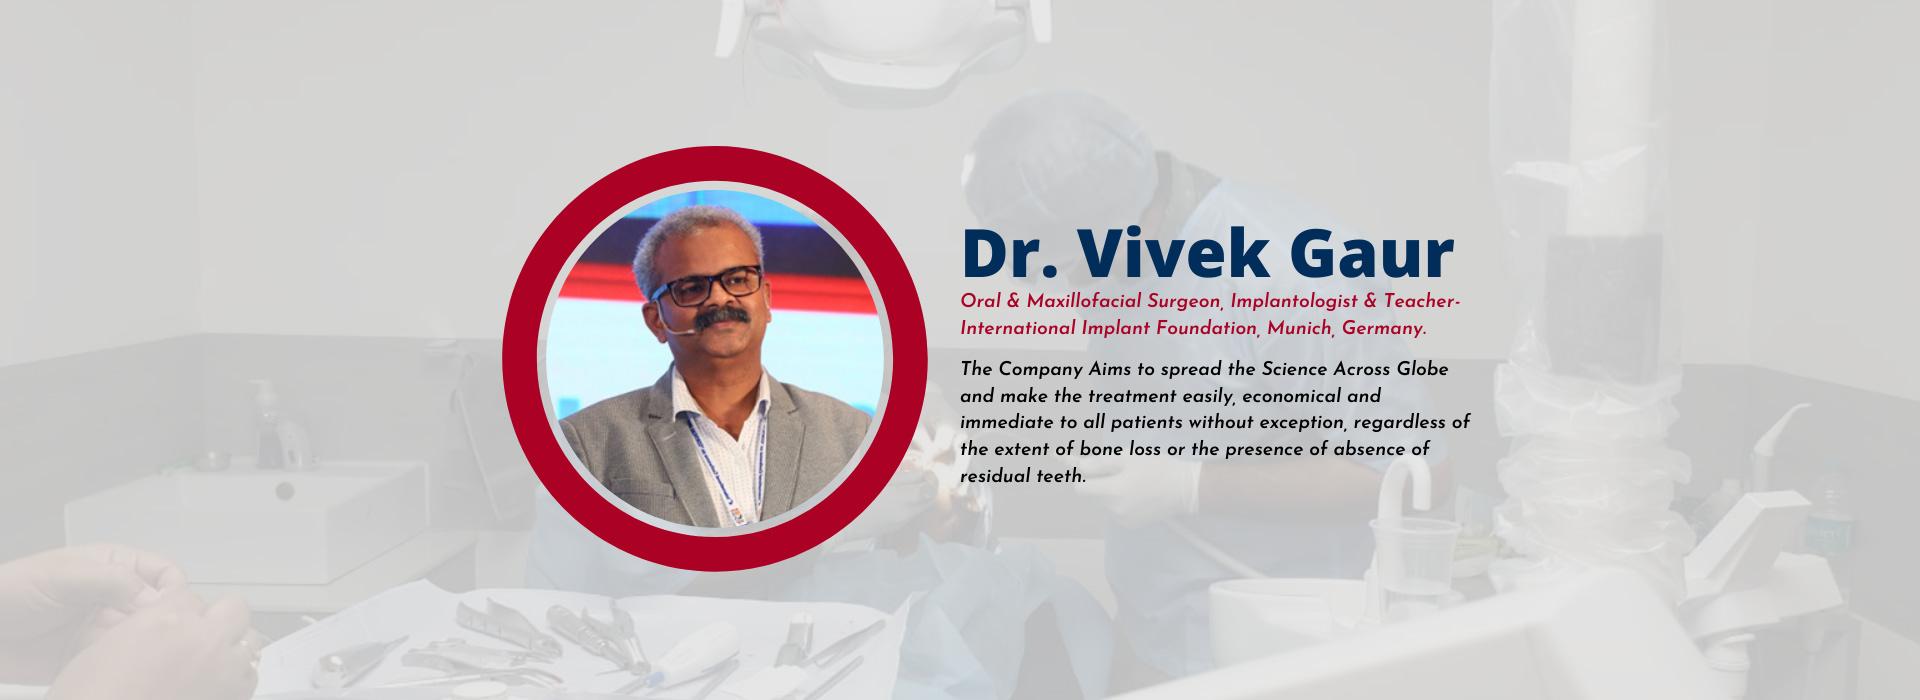 Dr. Vivek Gaur @ Simpladent Clinics - Single piece implants with Retrievability | Basal Implants | #1 Dental Clinic